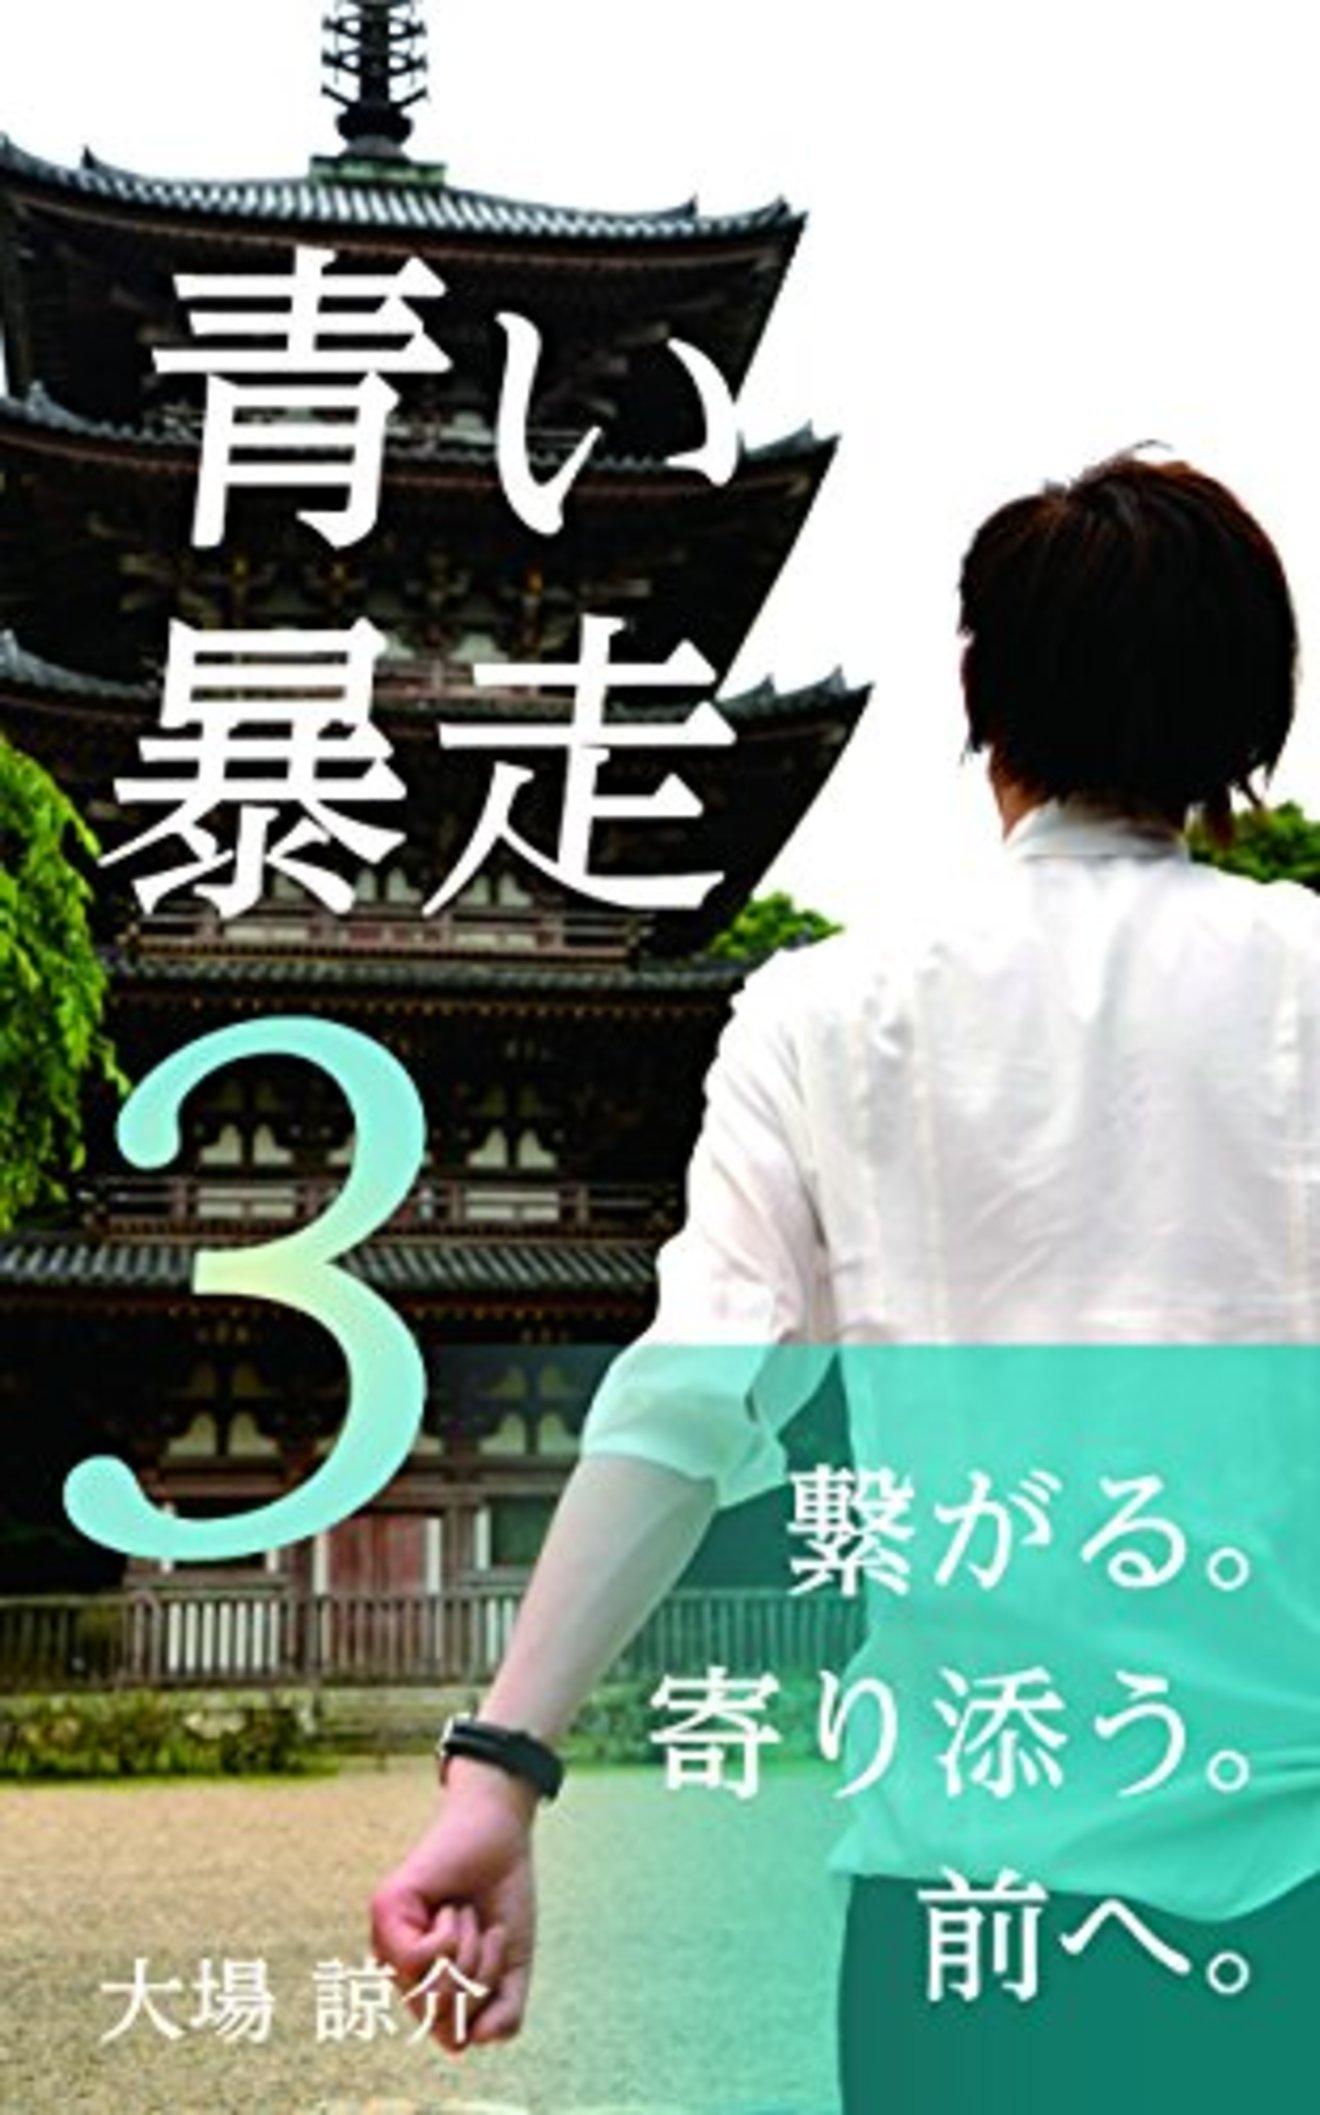 【連載小説】「ロマンティックが終わる時」第23話【毎朝6時更新】